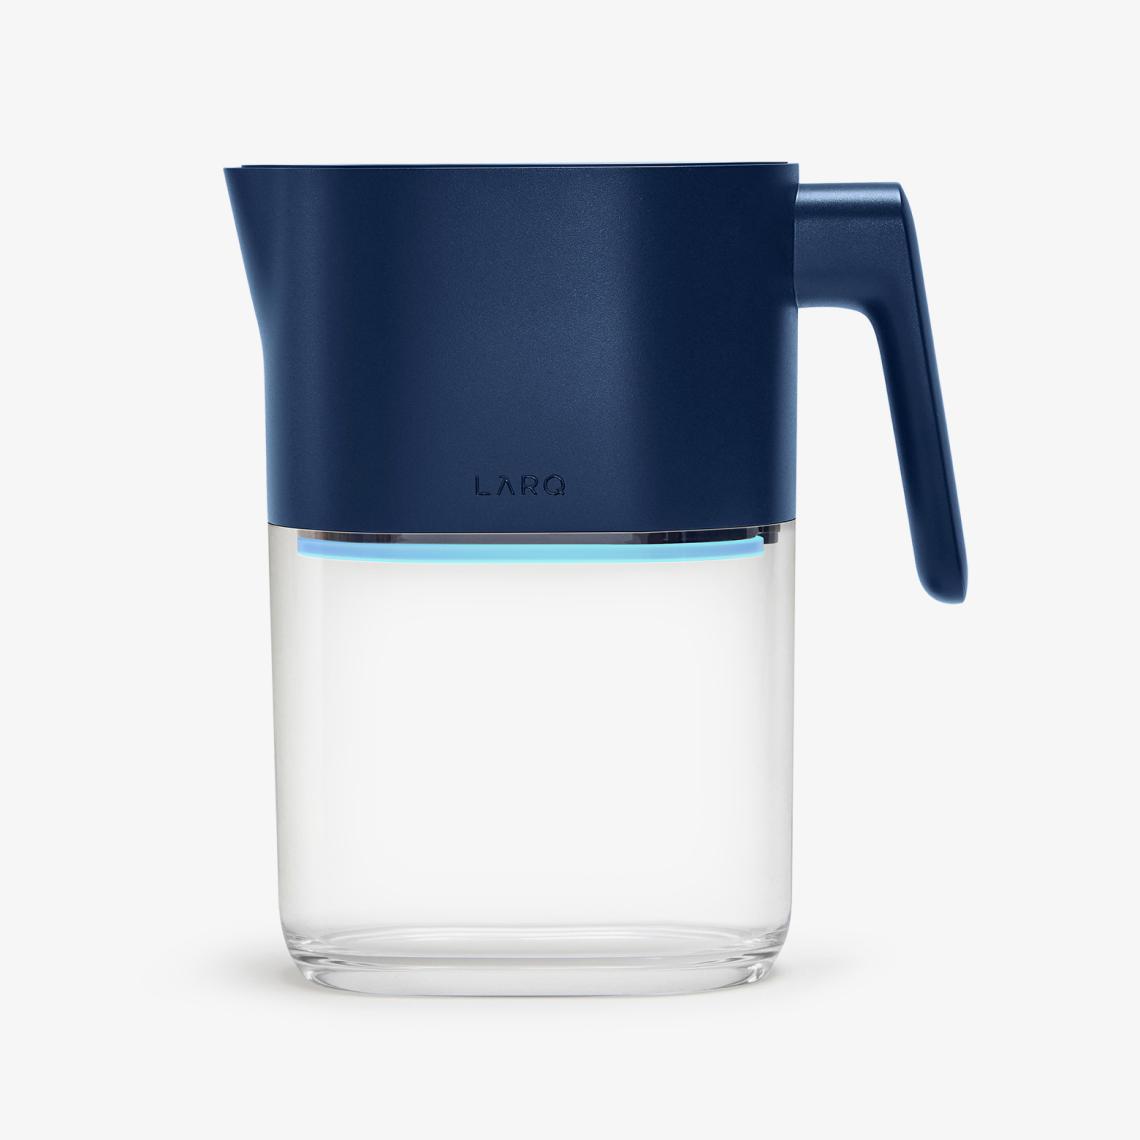 LARQ Pitcher PureVis - Monaco Blue